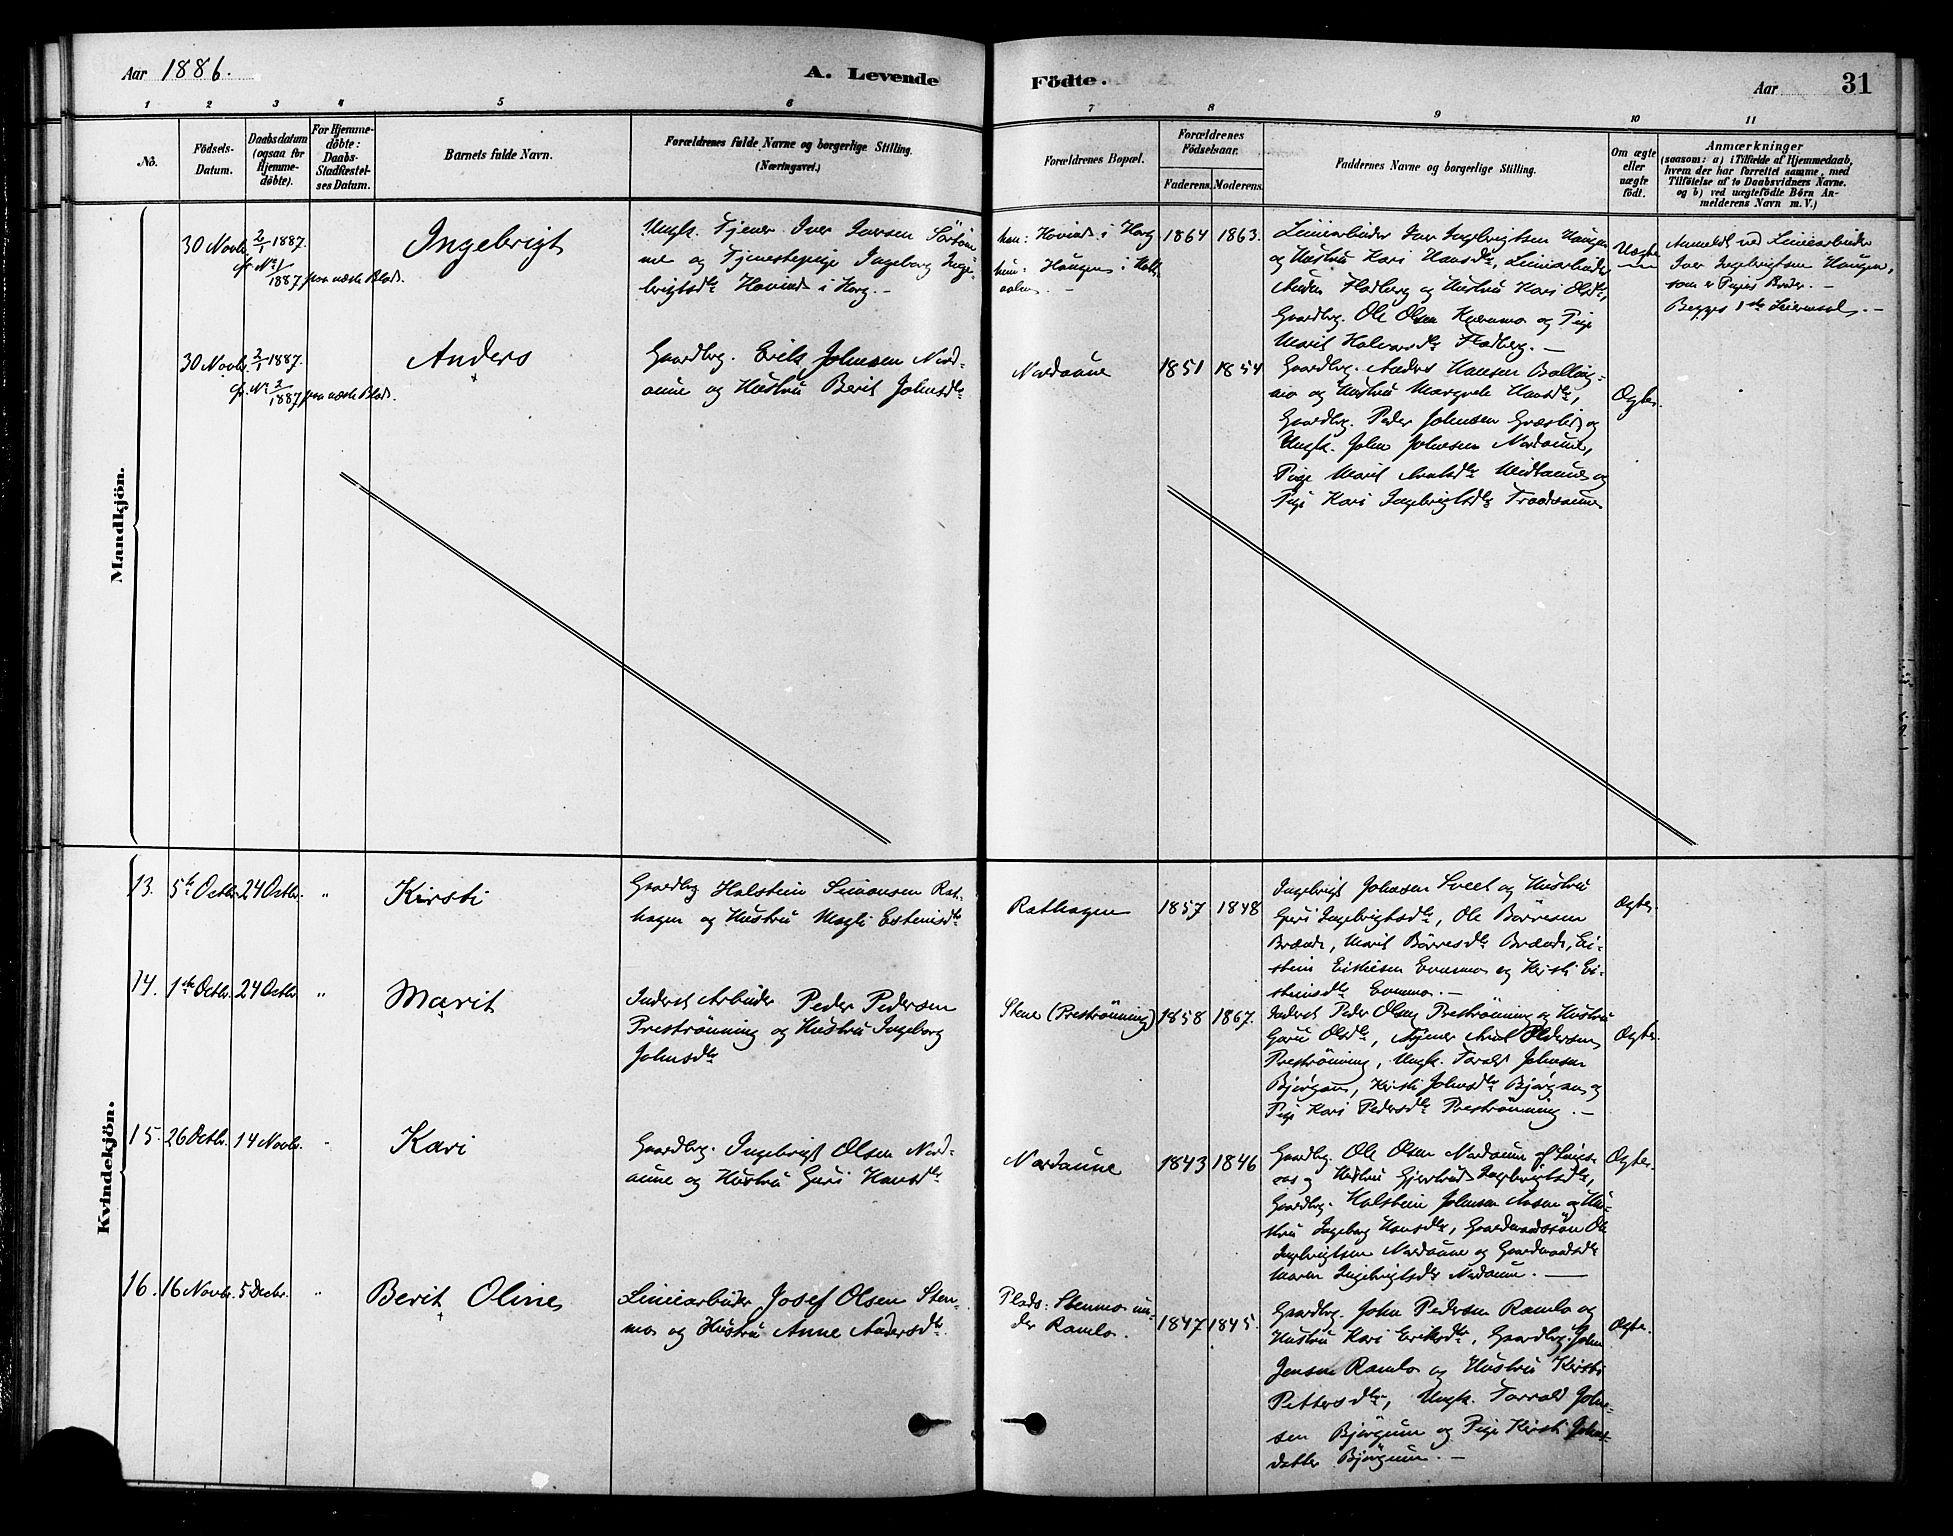 SAT, Ministerialprotokoller, klokkerbøker og fødselsregistre - Sør-Trøndelag, 685/L0972: Ministerialbok nr. 685A09, 1879-1890, s. 31